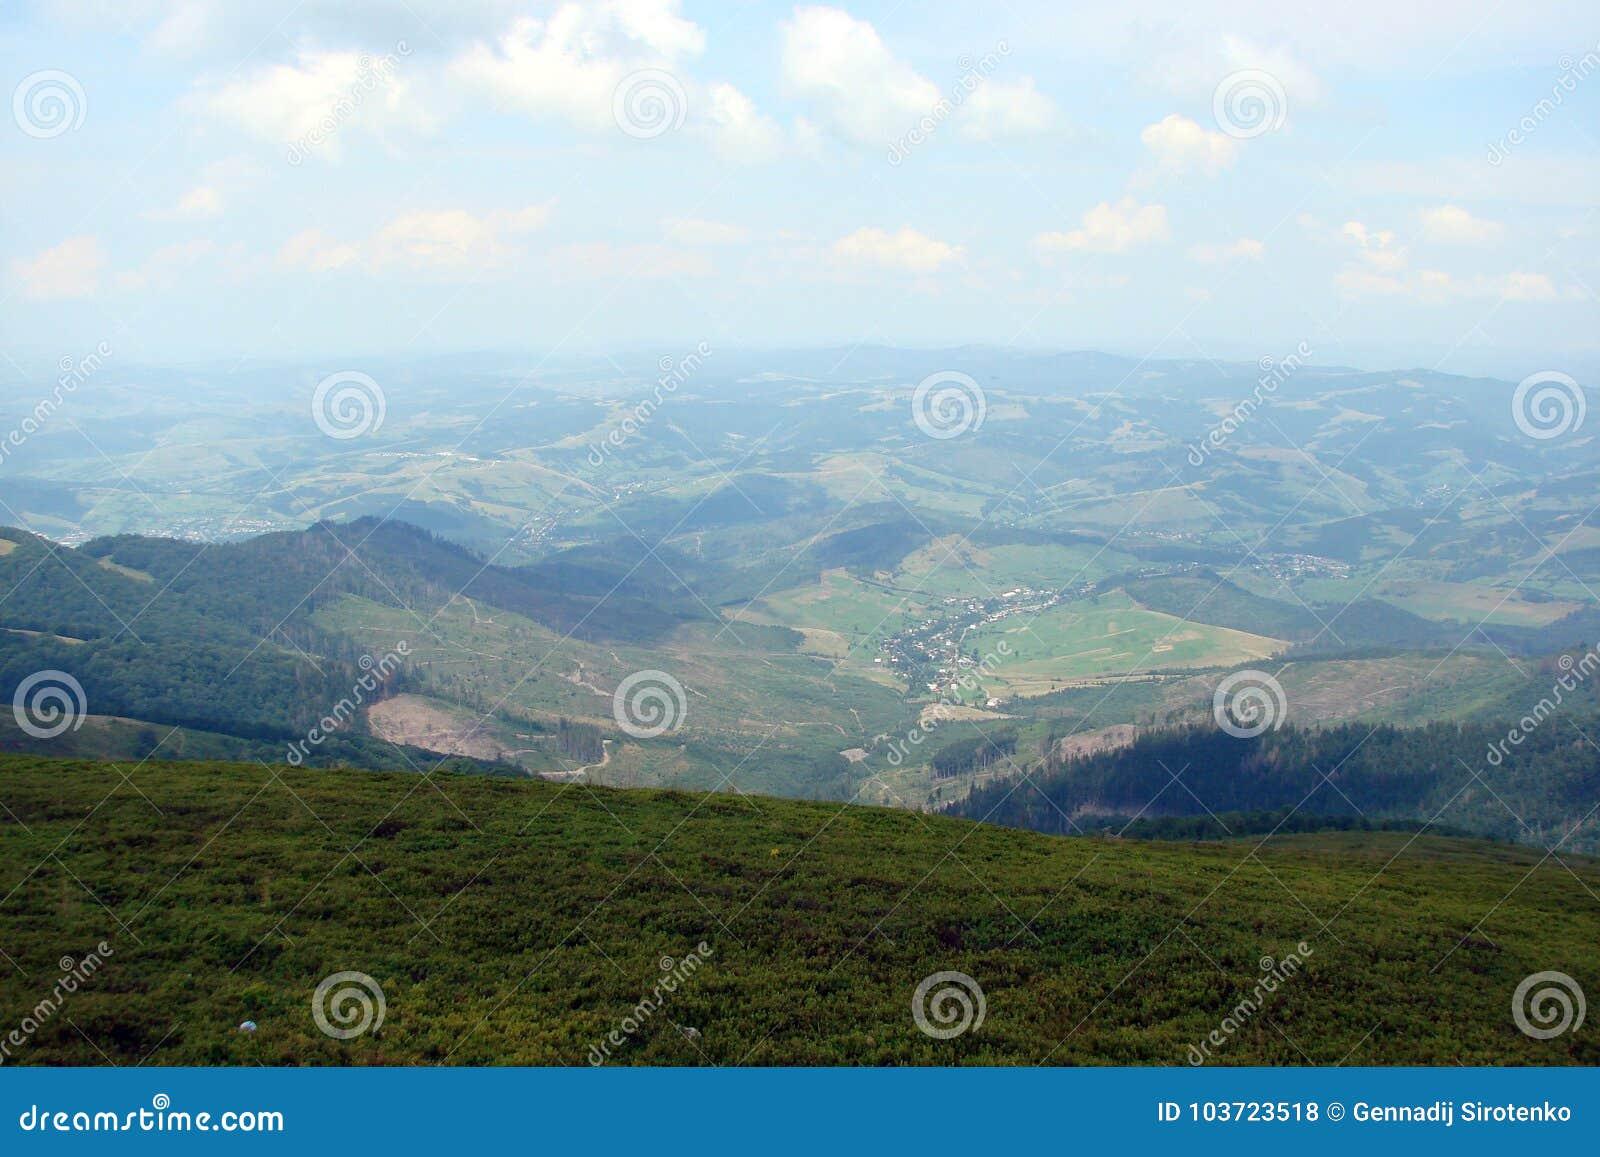 Die ukrainischen Karpaten Der Borzhava-Gebirgszug